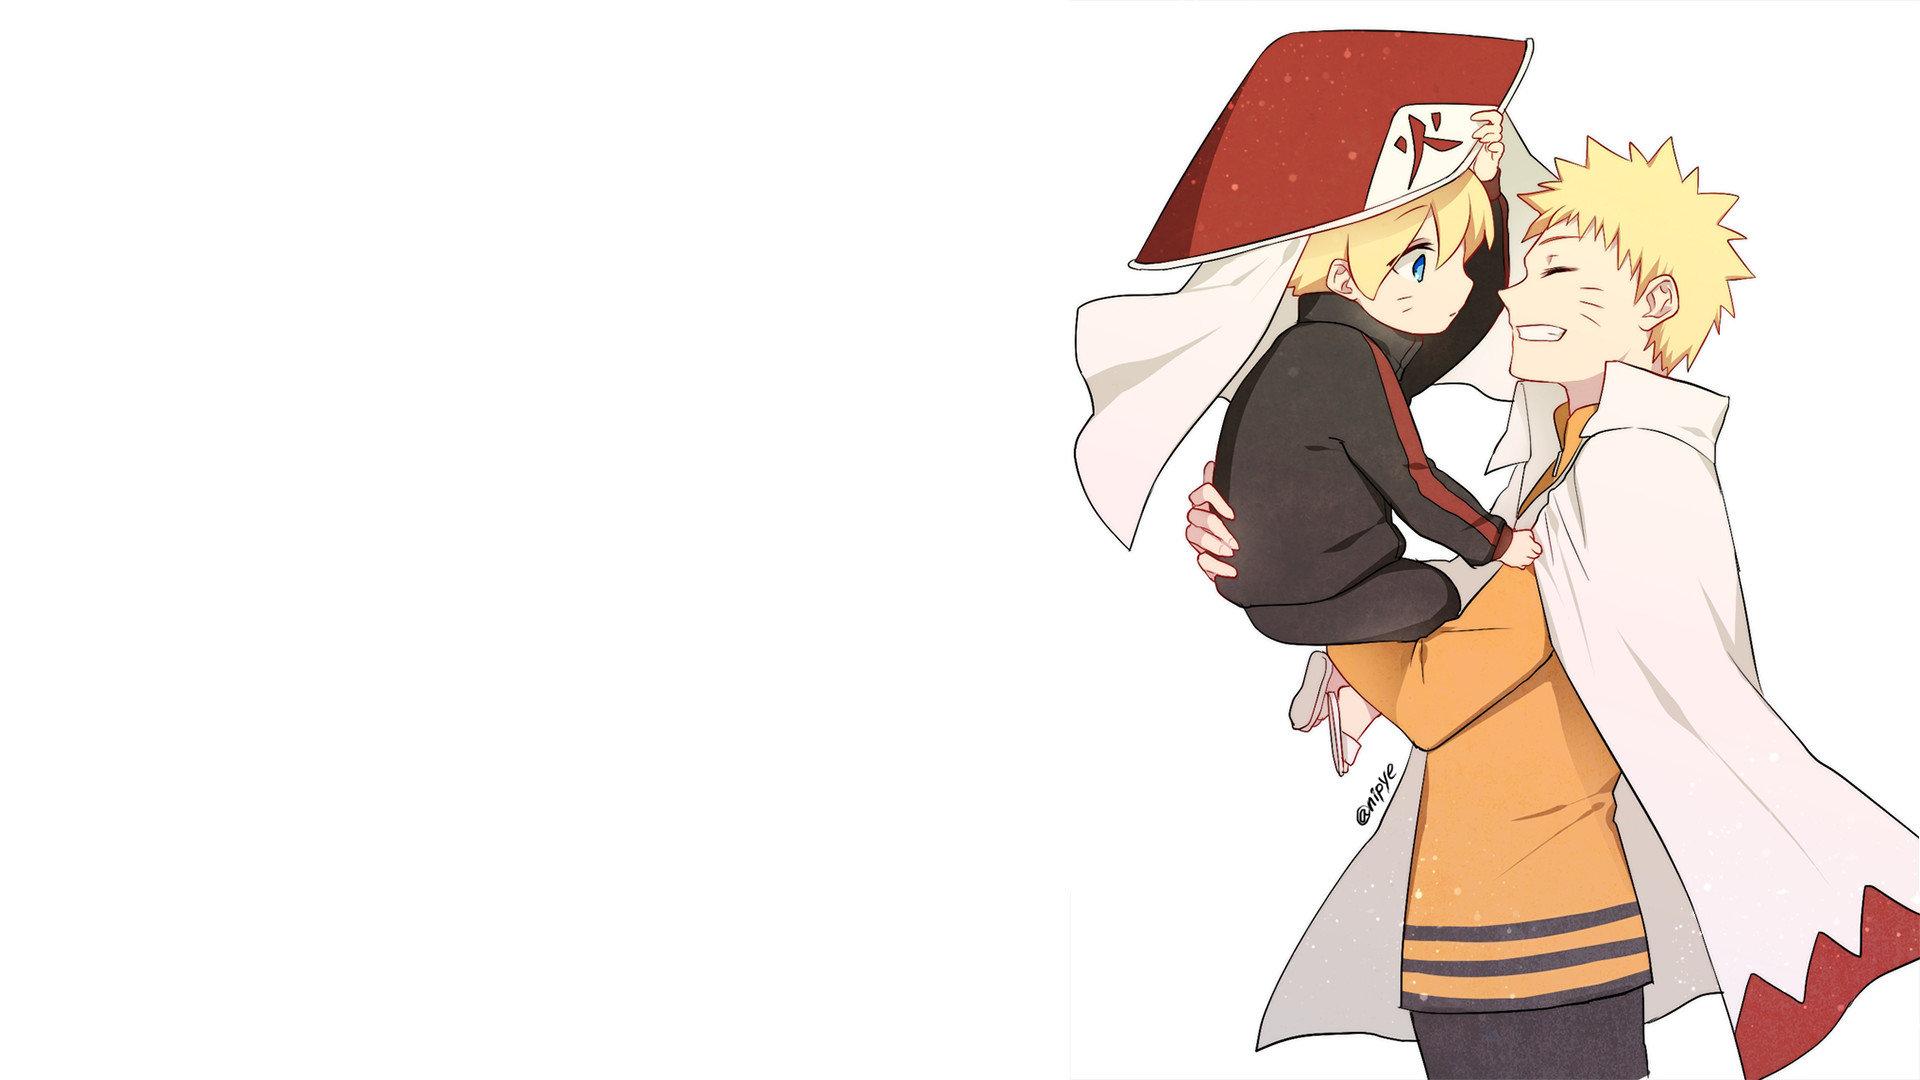 Naruto Boruto Hd Wallpaper Backgrounds Naruto And Boruto Cute 1920x1080 Download Hd Wallpaper Wallpapertip